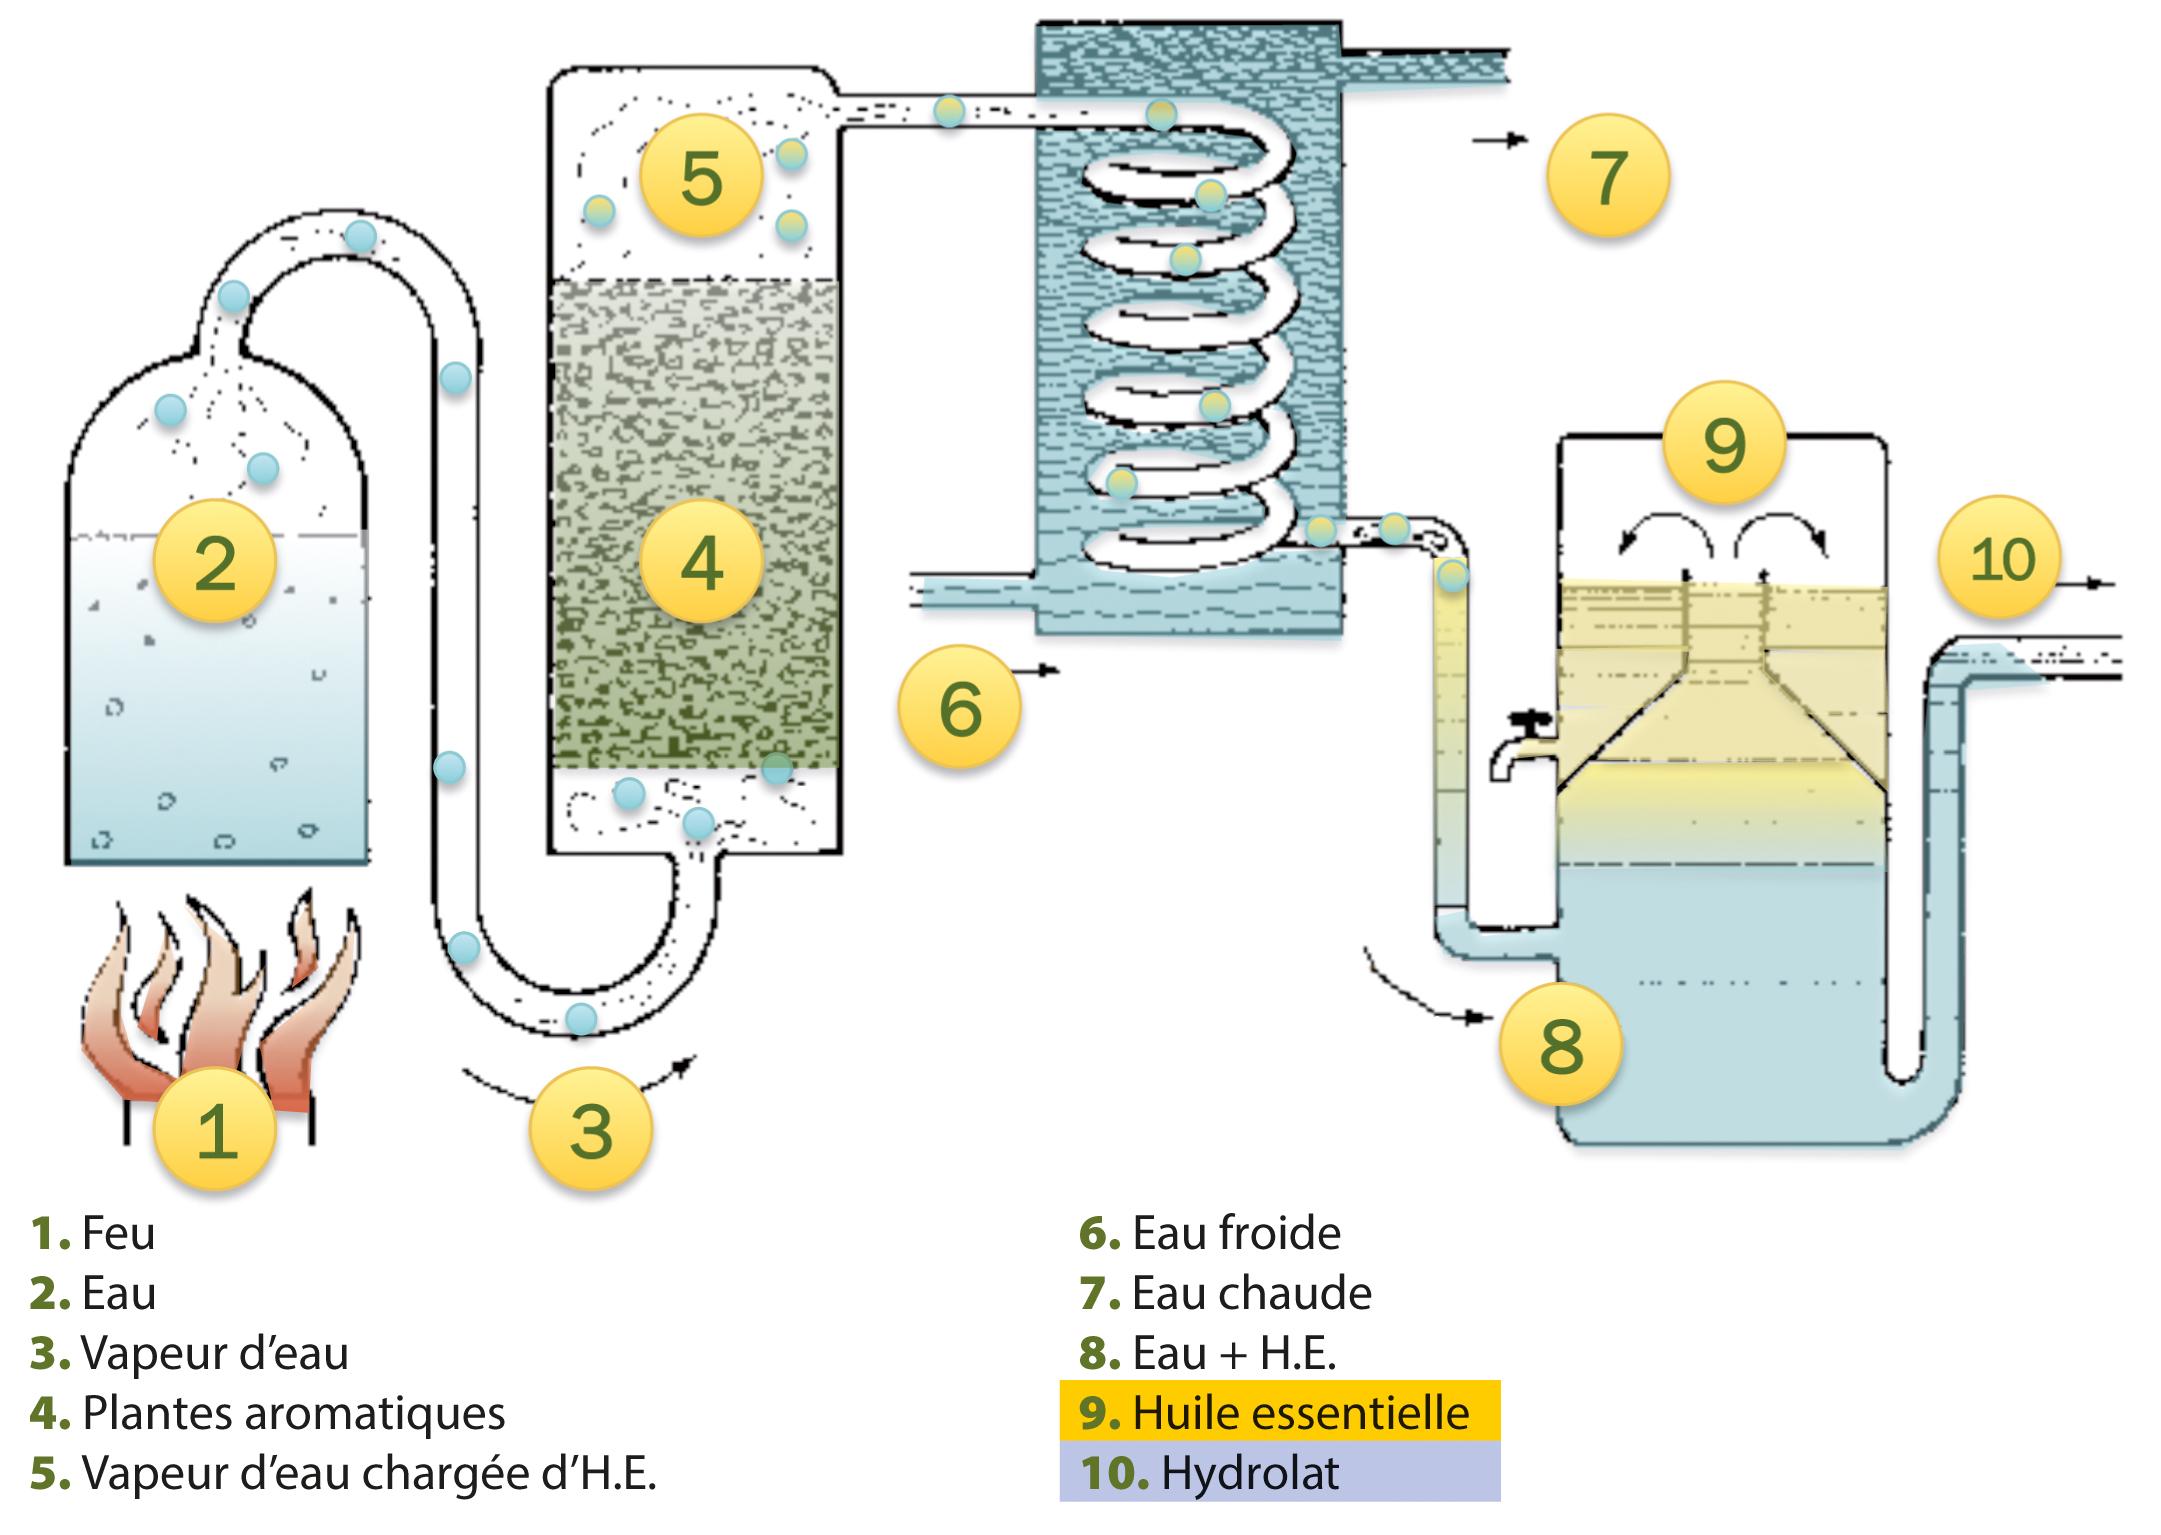 Distillation des huiles essentielles et des hydrolats